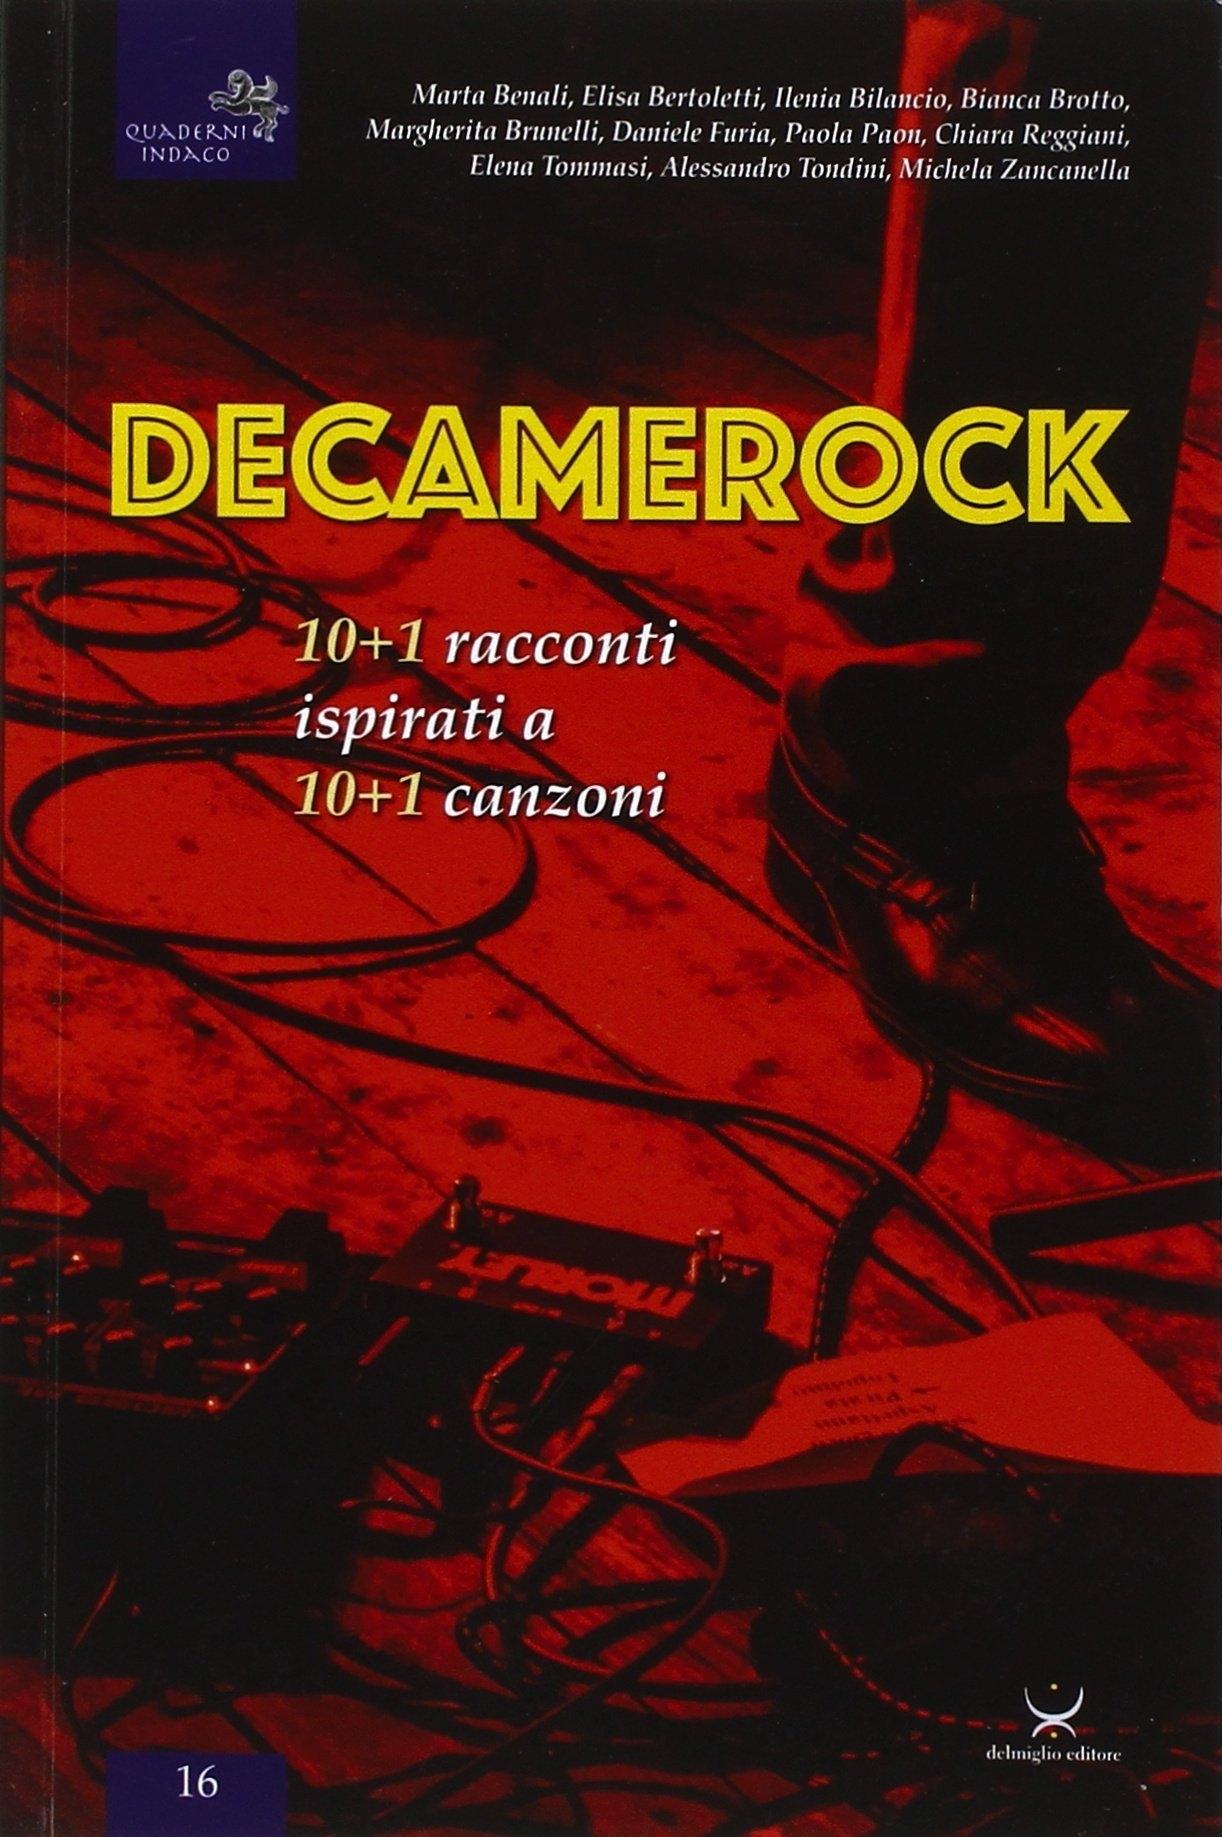 Decamerock. 10+1 Racconti Ispirati a 10+1 Canzoni.